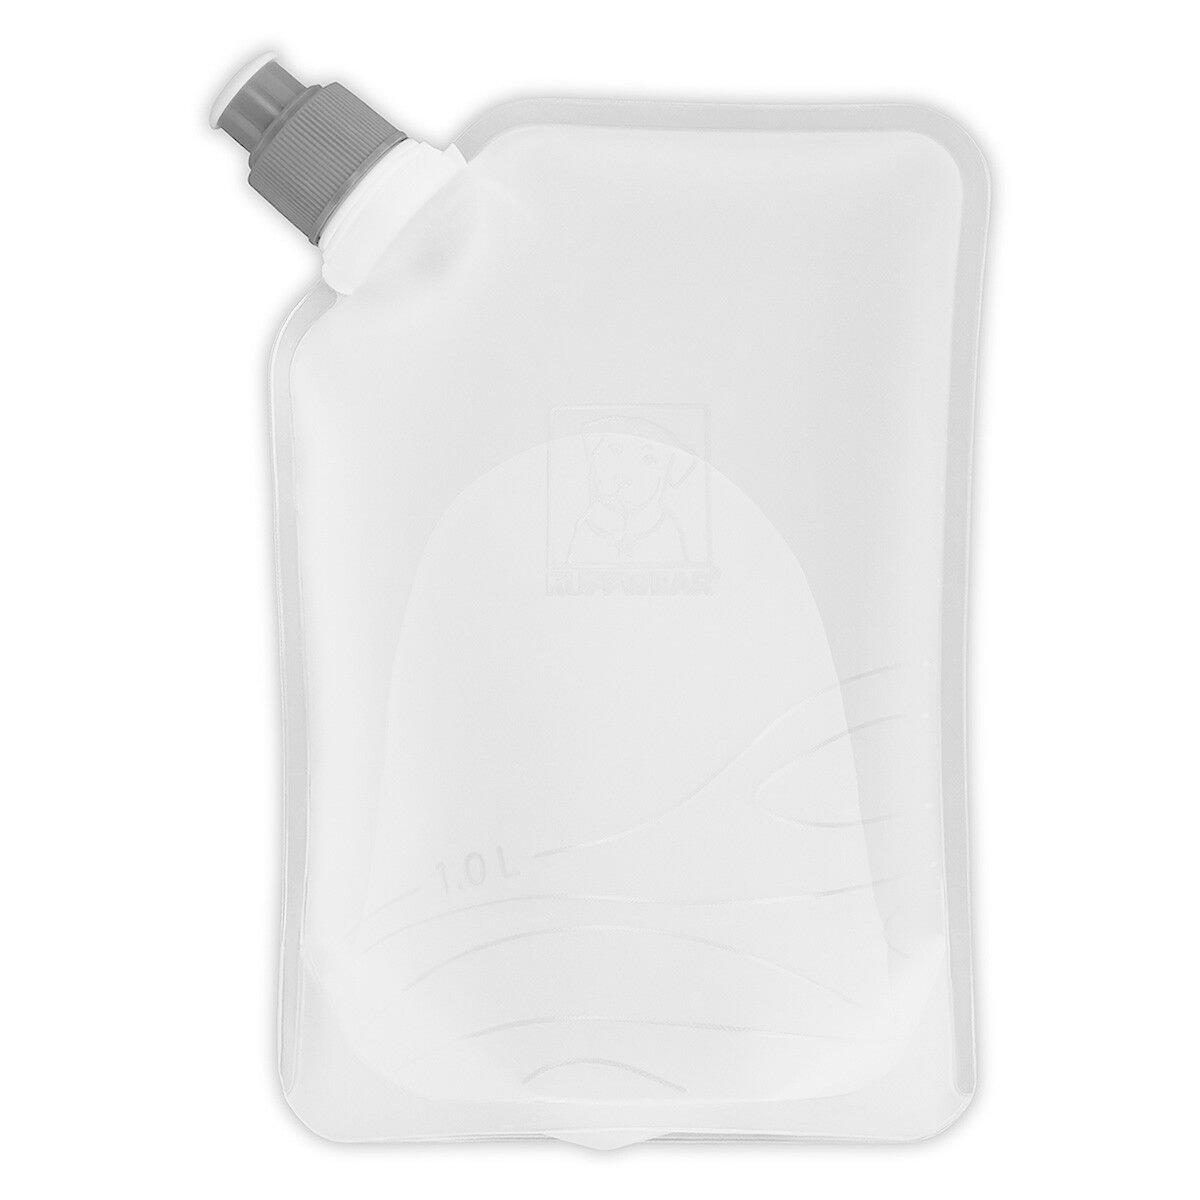 Ruffwear Ersatzflaschen für Hunderucksack, one size / Ersatzflasche für Palisades™ Pack